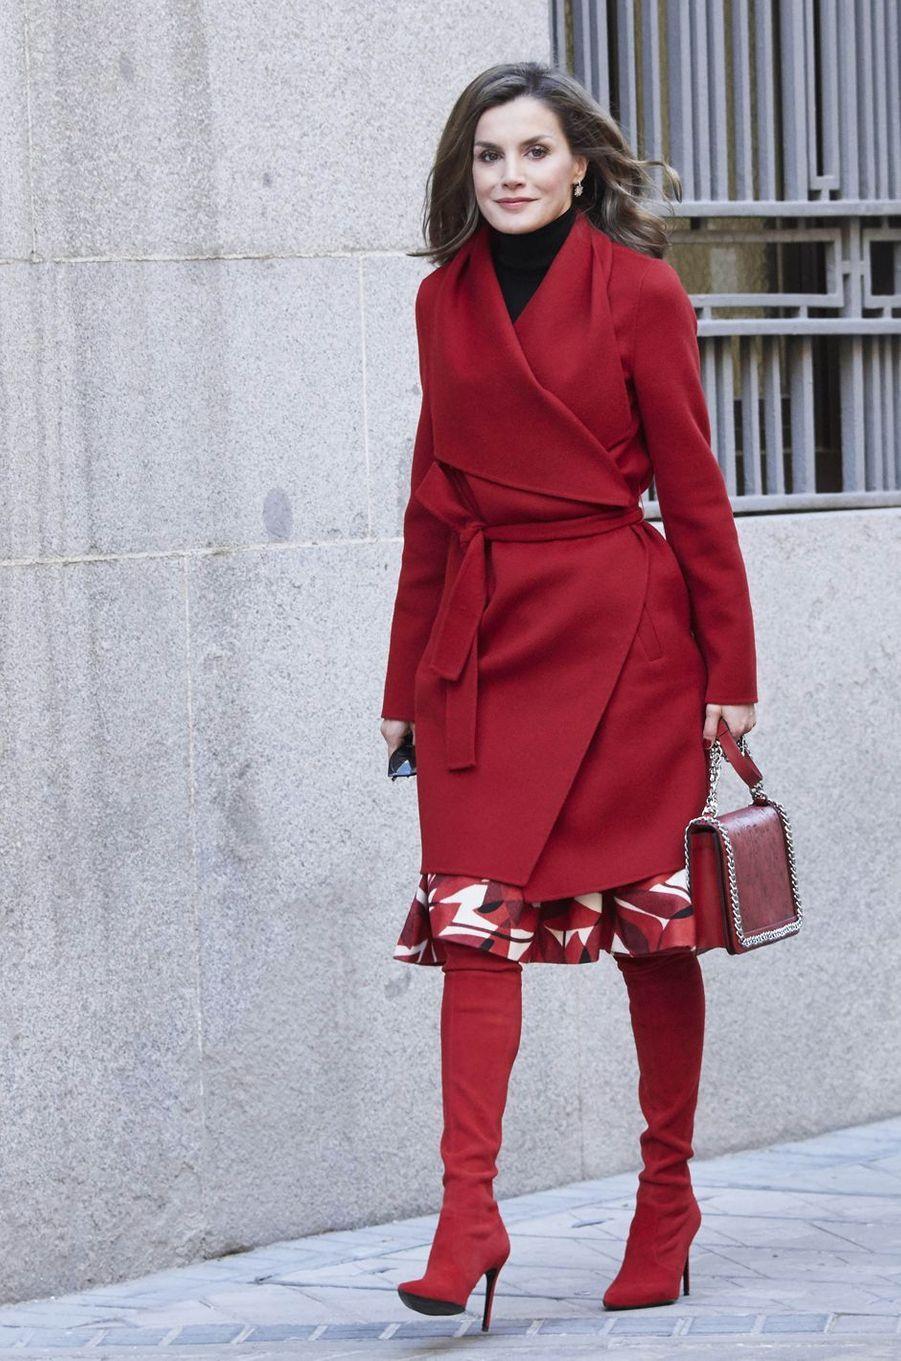 La reine Letizia d'Espagne dans un look tendance à Madrid, le 21 décembre 2017